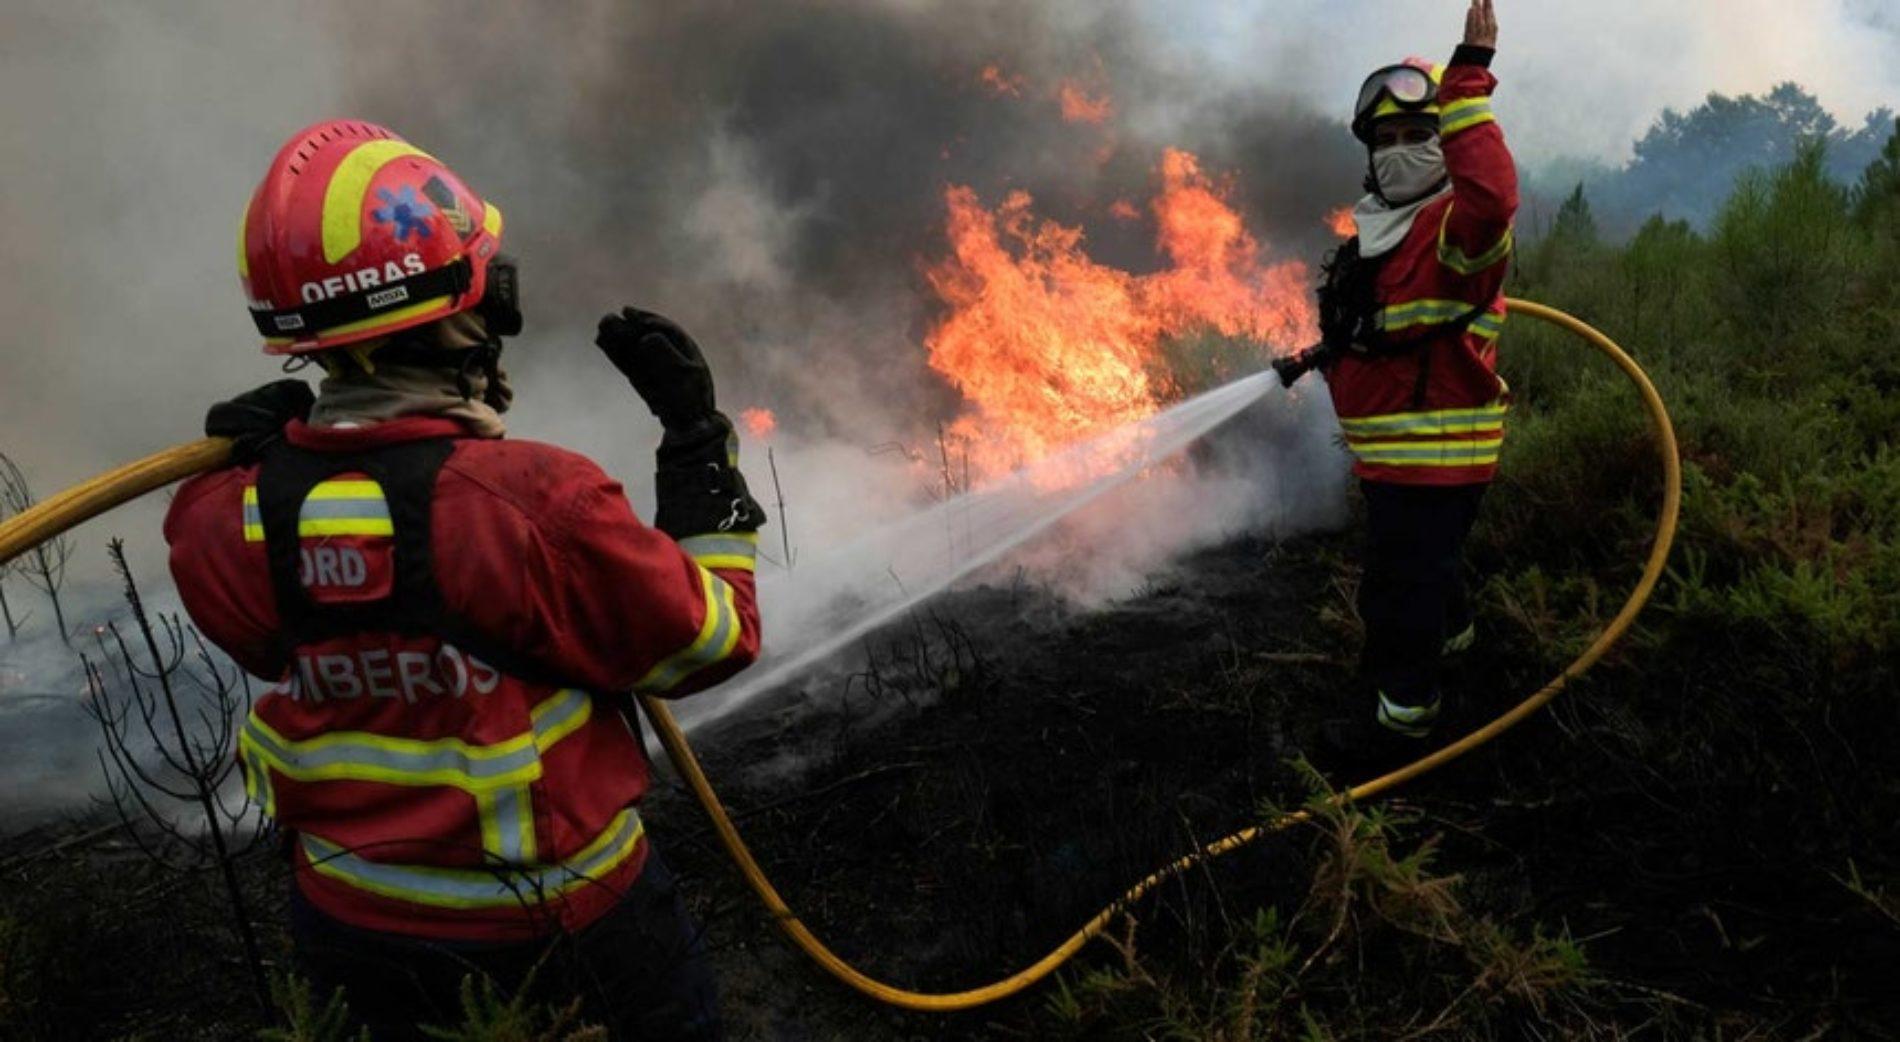 Incêndio em Candosa, concelho de Tábua, mobiliza cerca de 50 bombeiros e dois meios aéreos